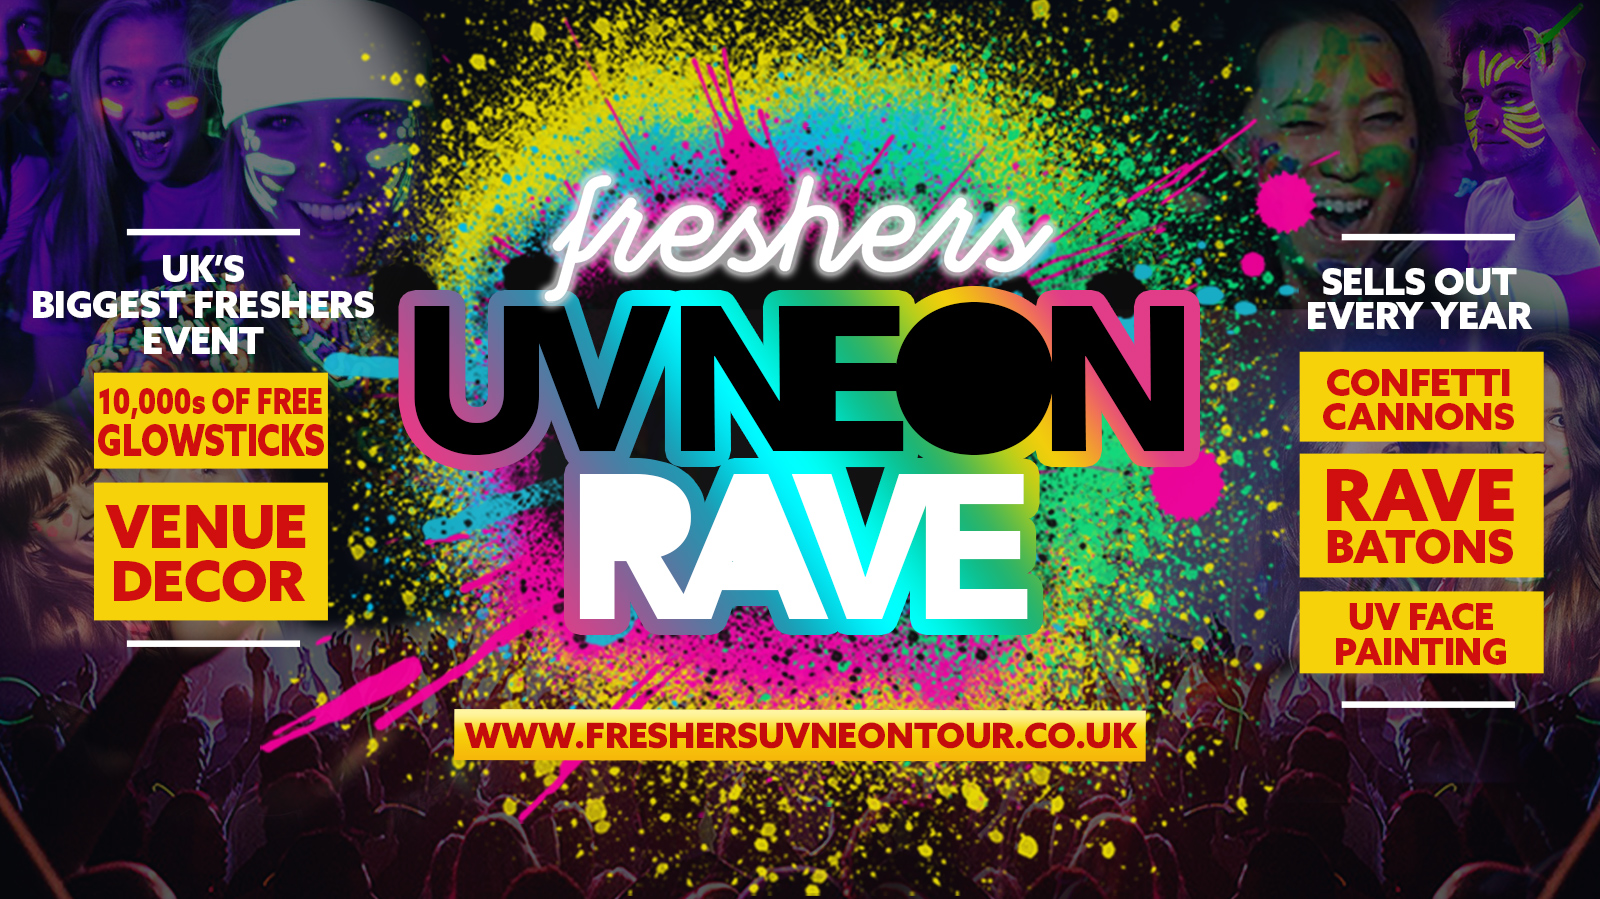 Portsmouth Freshers UV Neon Rave   Portsmouth Freshers 2021